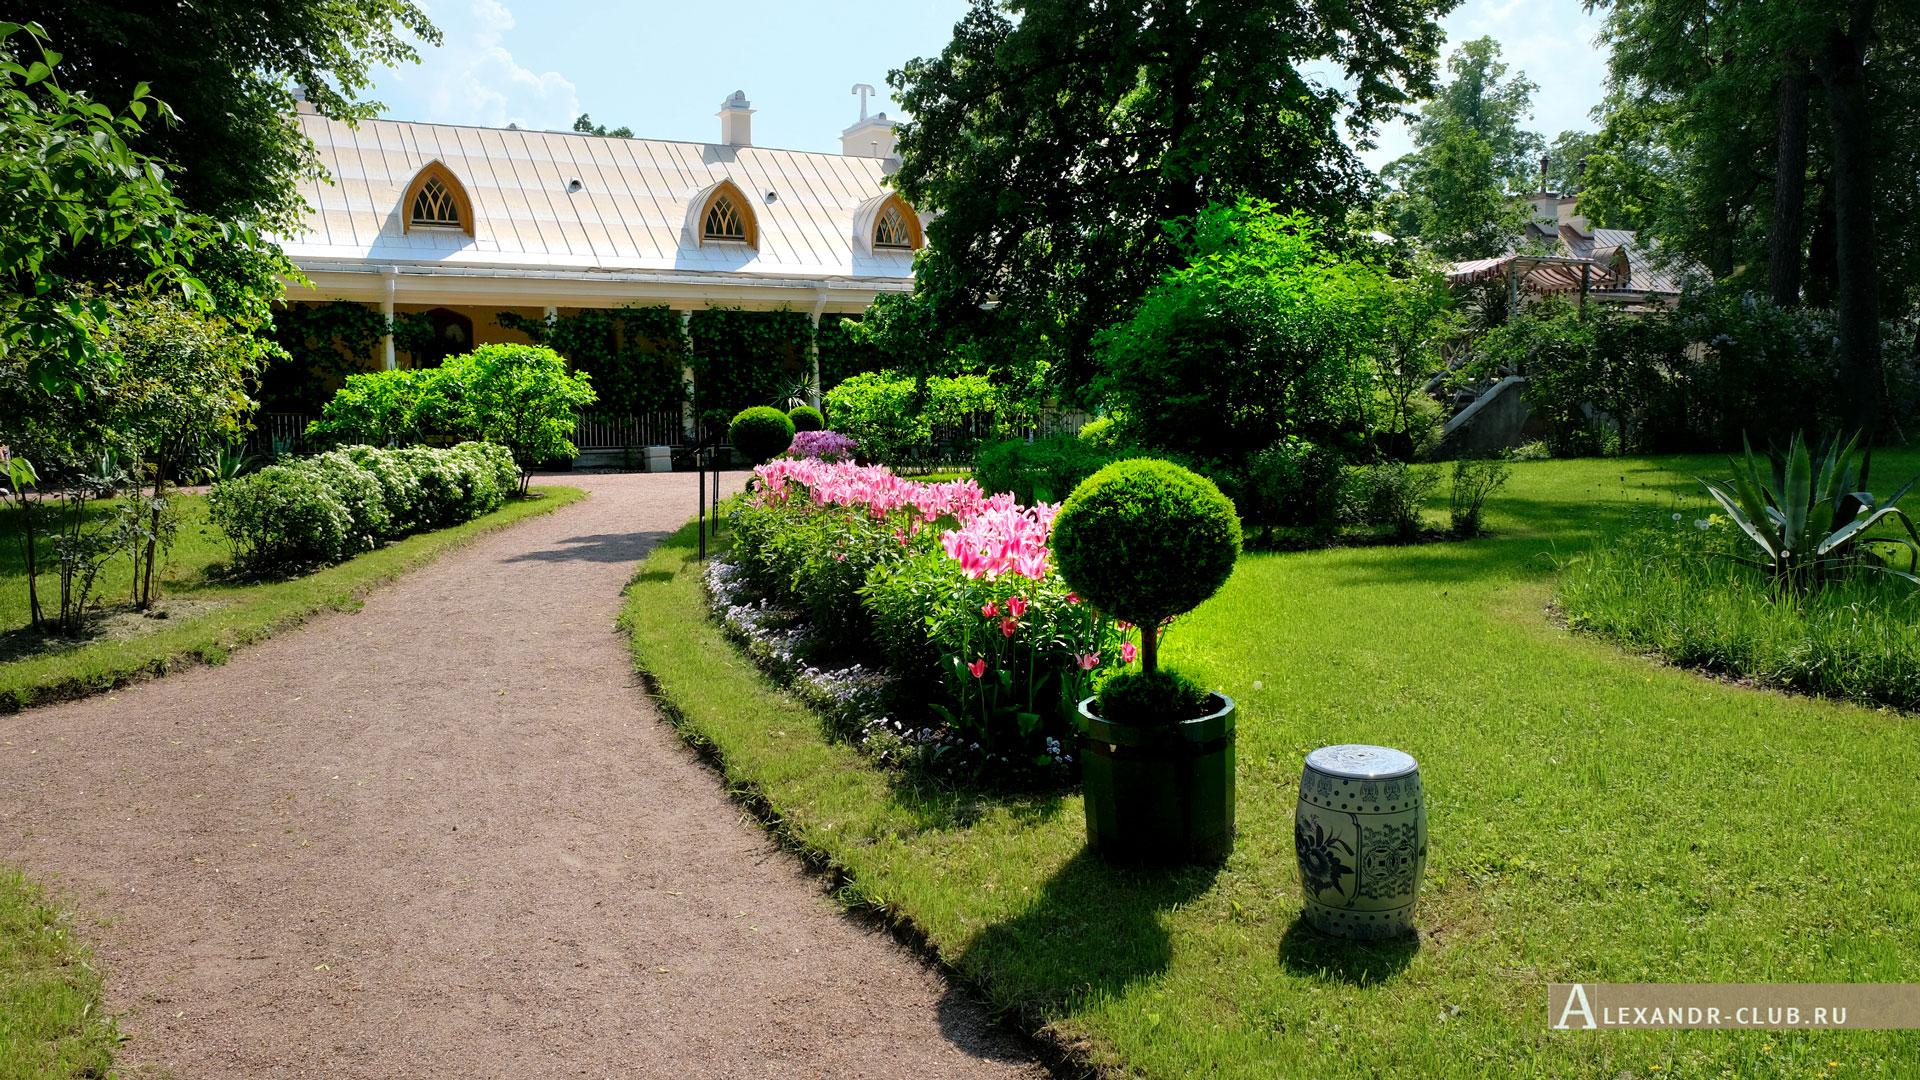 Петергоф, парк «Александрия», лето, Фермерский дворец